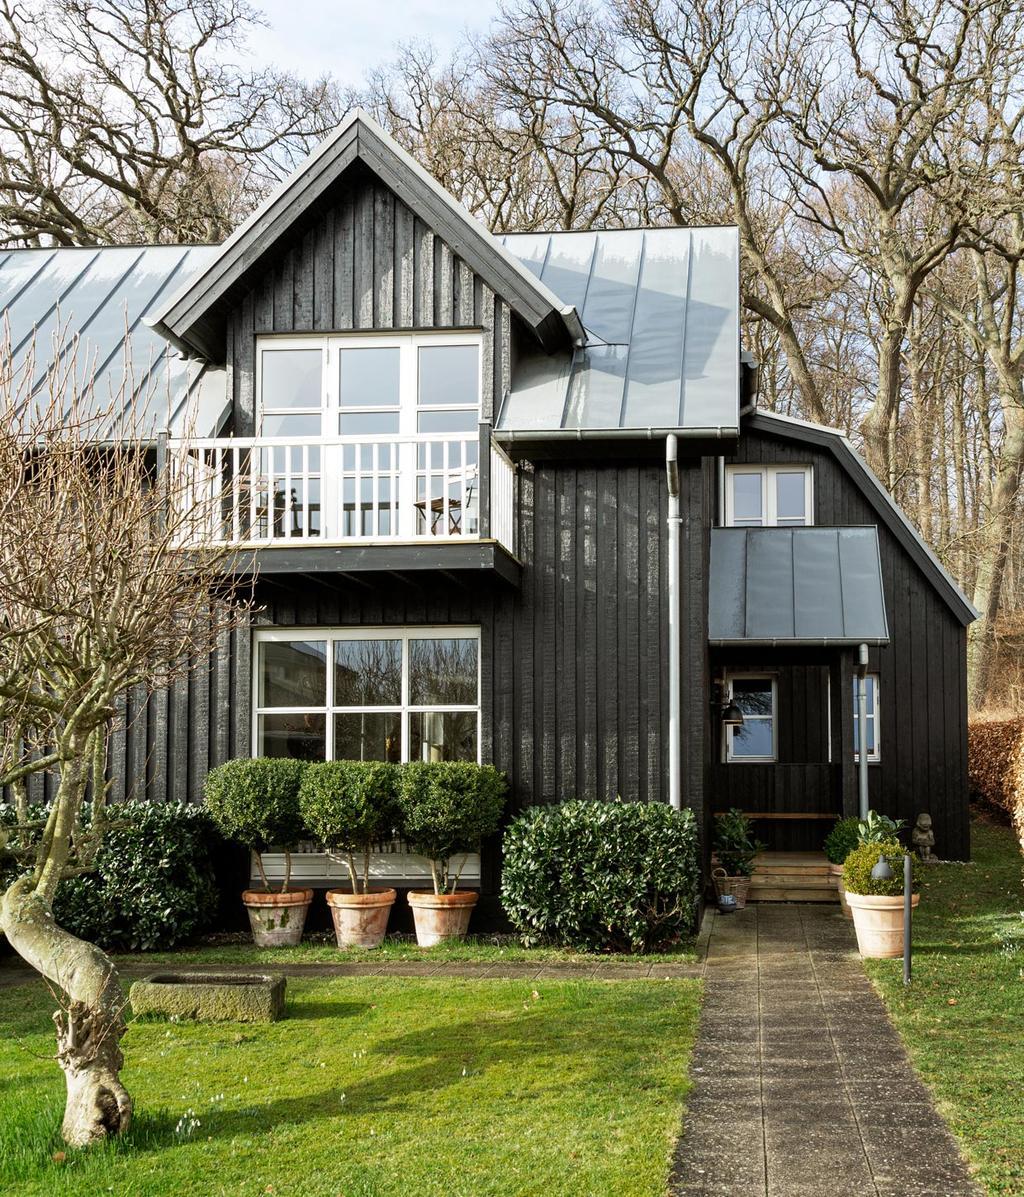 Oude bungalow in Denemarken | vtwonen 13-2020